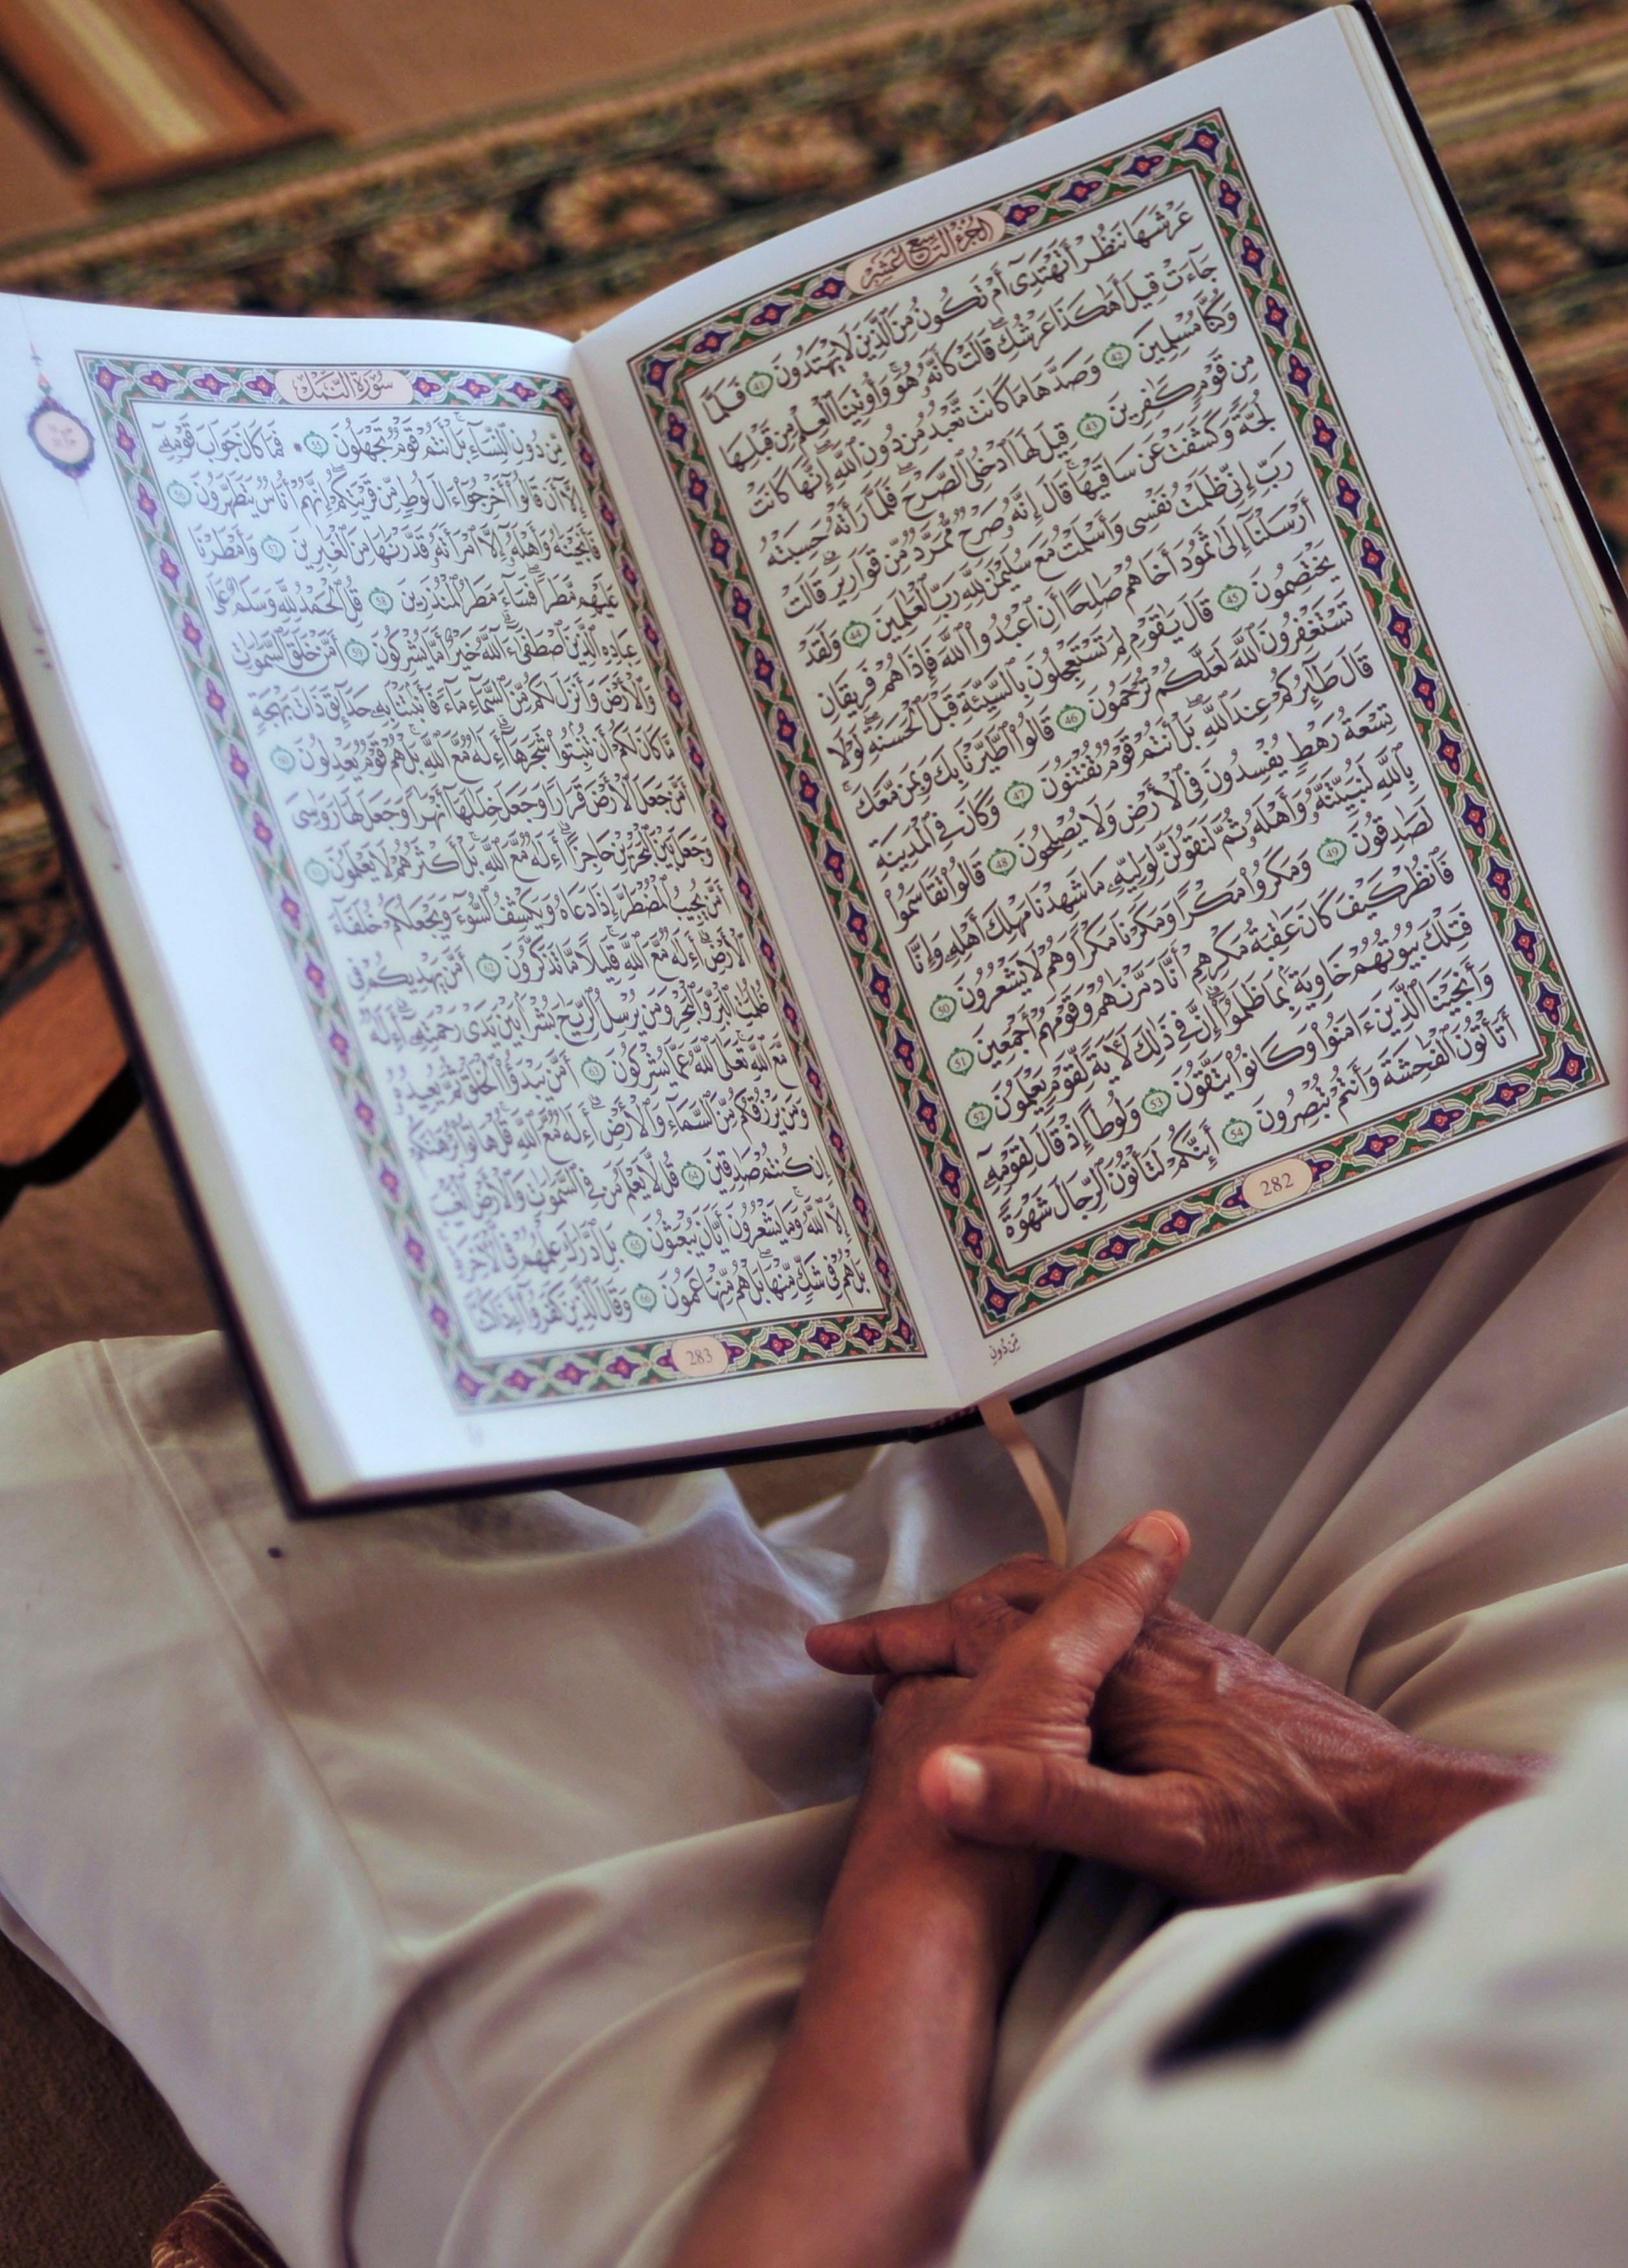 Allah en tant que nom propre n'est aucunement rattaché à l'un ou l'autre sexe (son genre n'est ni masculin ni féminin).